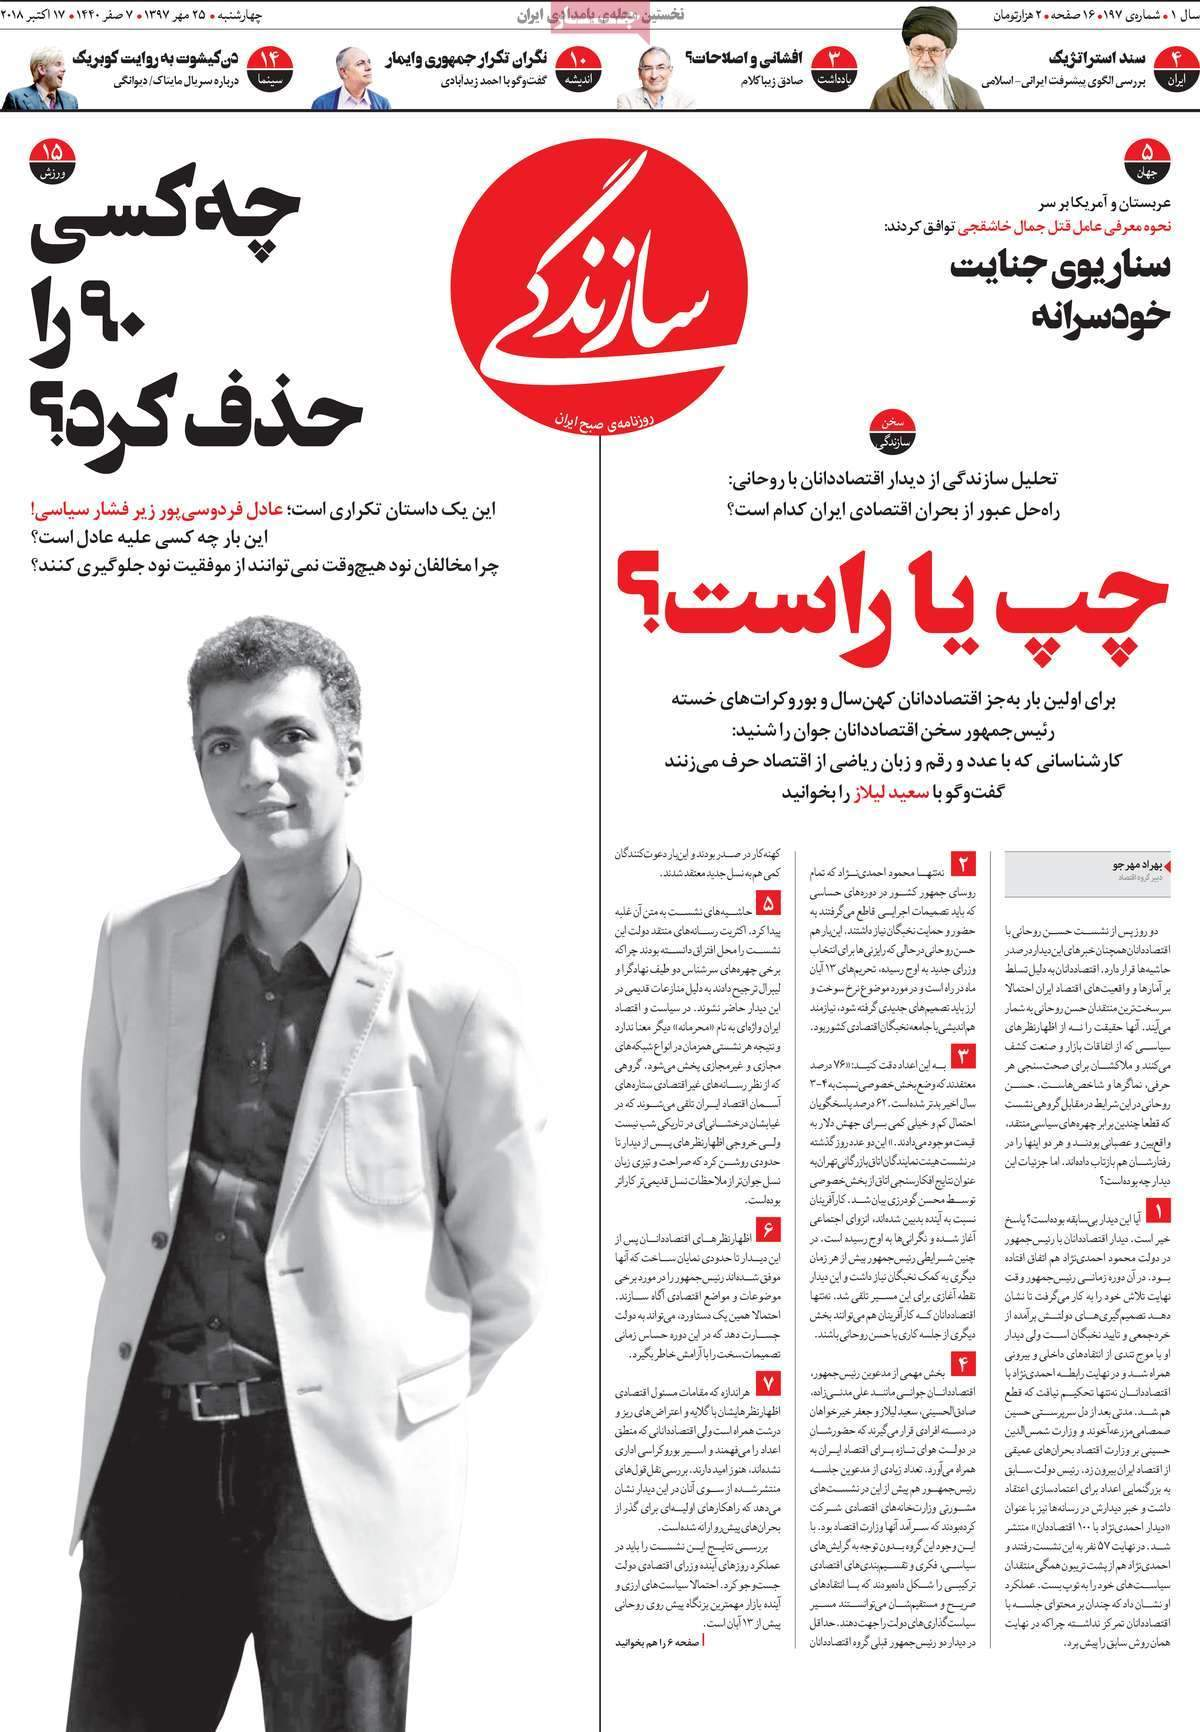 تیتر روزنامه های سیاسی - چهارشنبه بیست و پنجم مهر۱۳۹۷,روزنامه,روزنامه های امروز,اخبار روزنامه ها